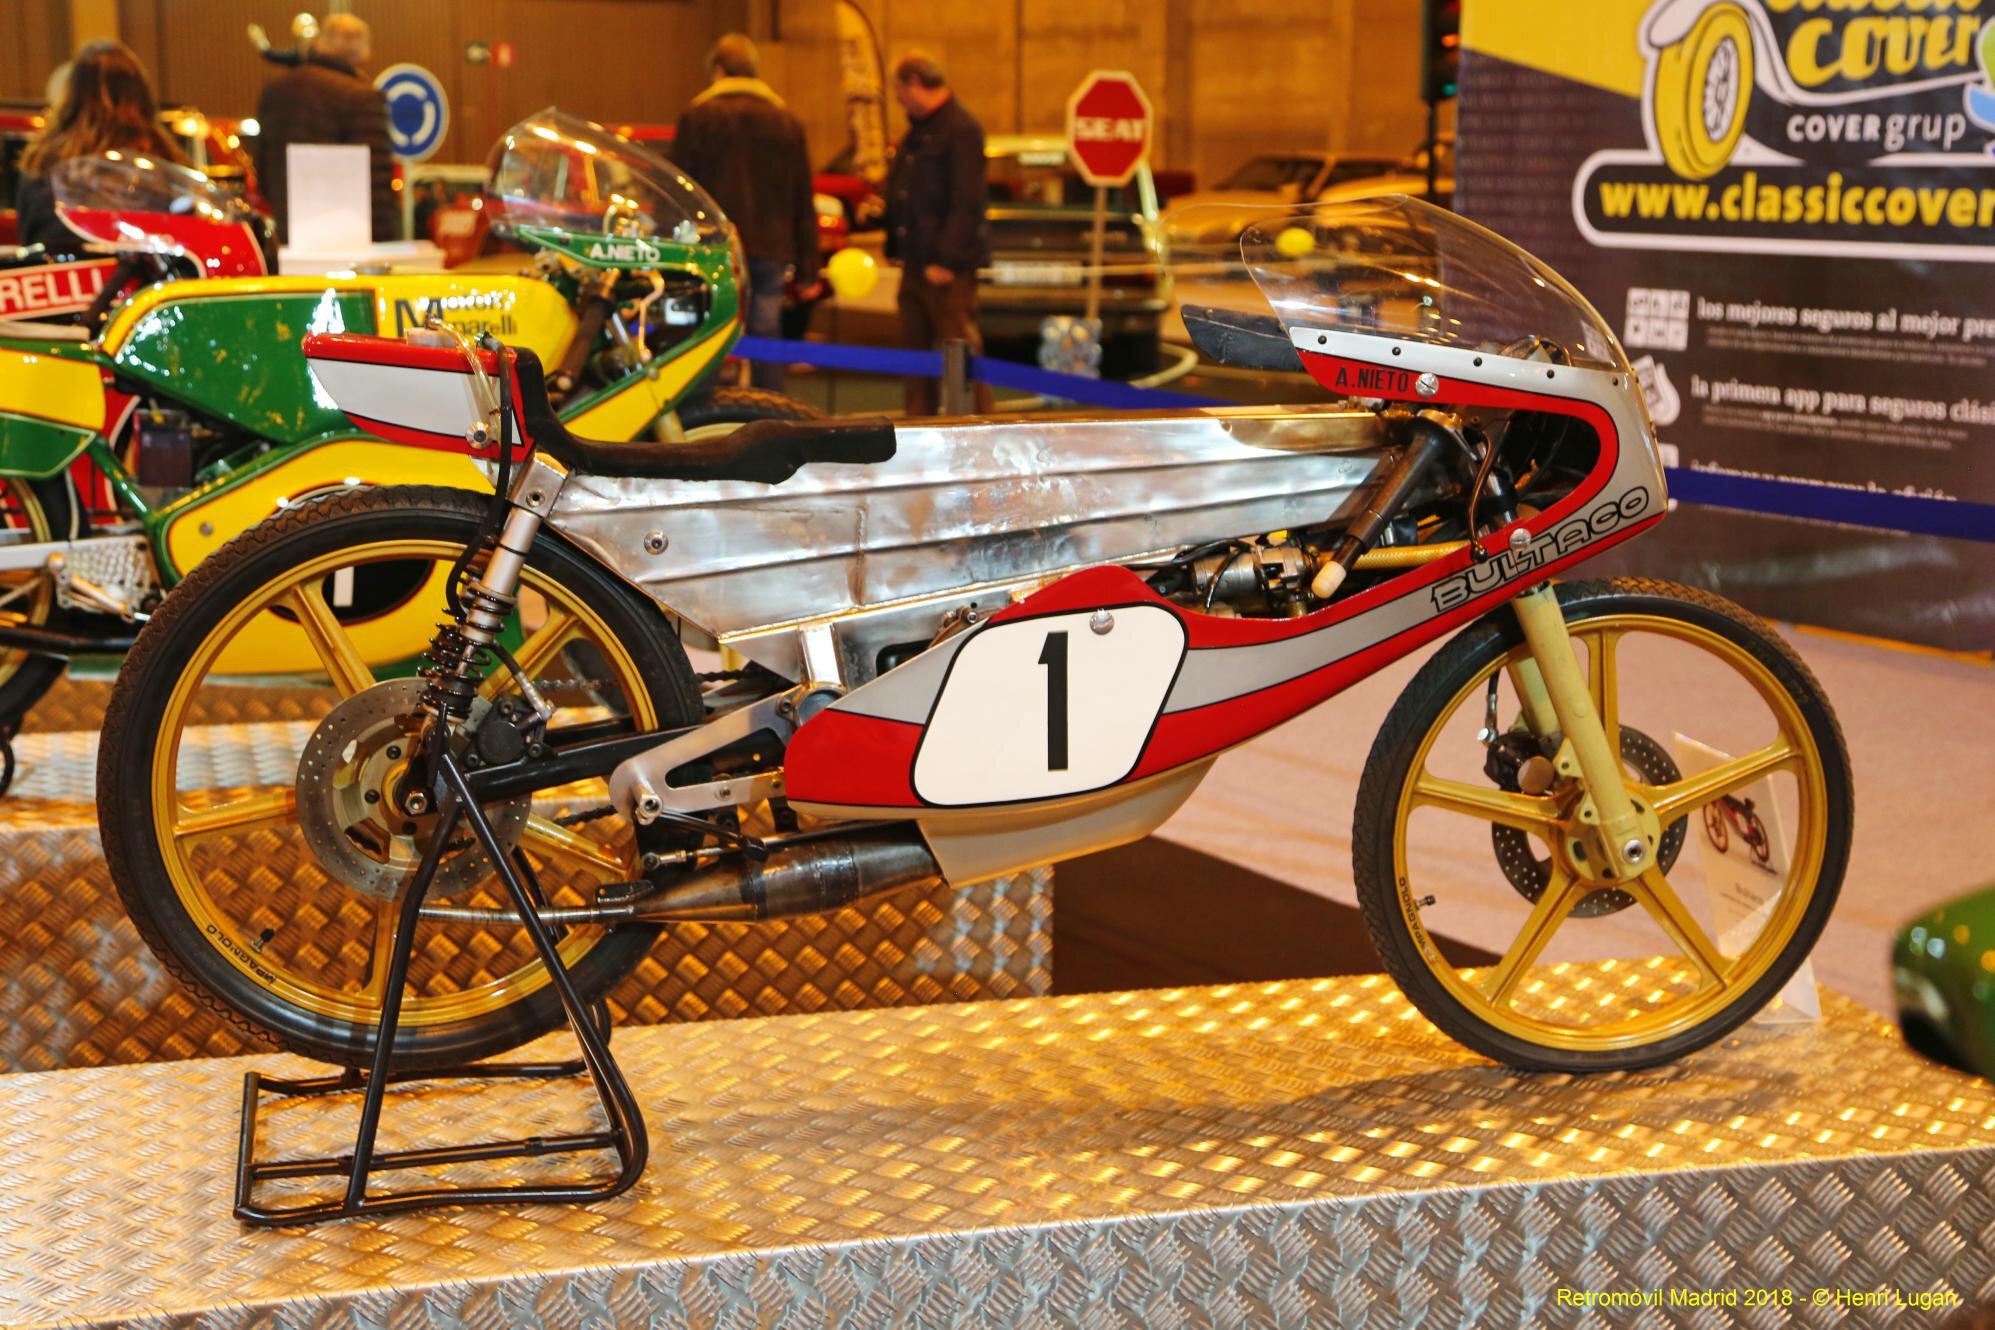 Bultaco 50_02 - 1976 [E] HL_GF